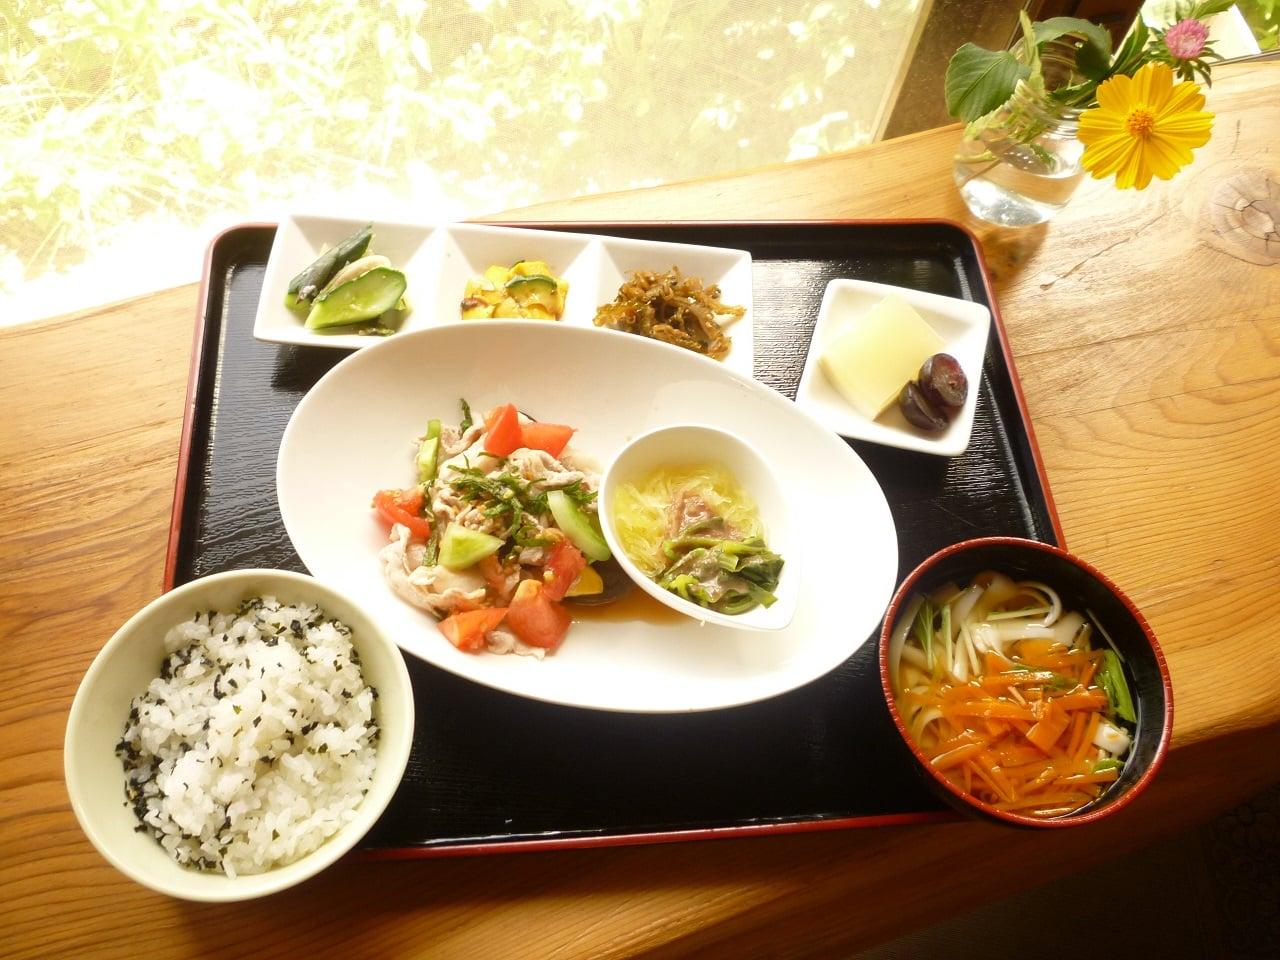 テレビ出演記念ポイント2倍!◆現地払◆農家レストラン菜七色「日替わりランチ」チケットのイメージその1